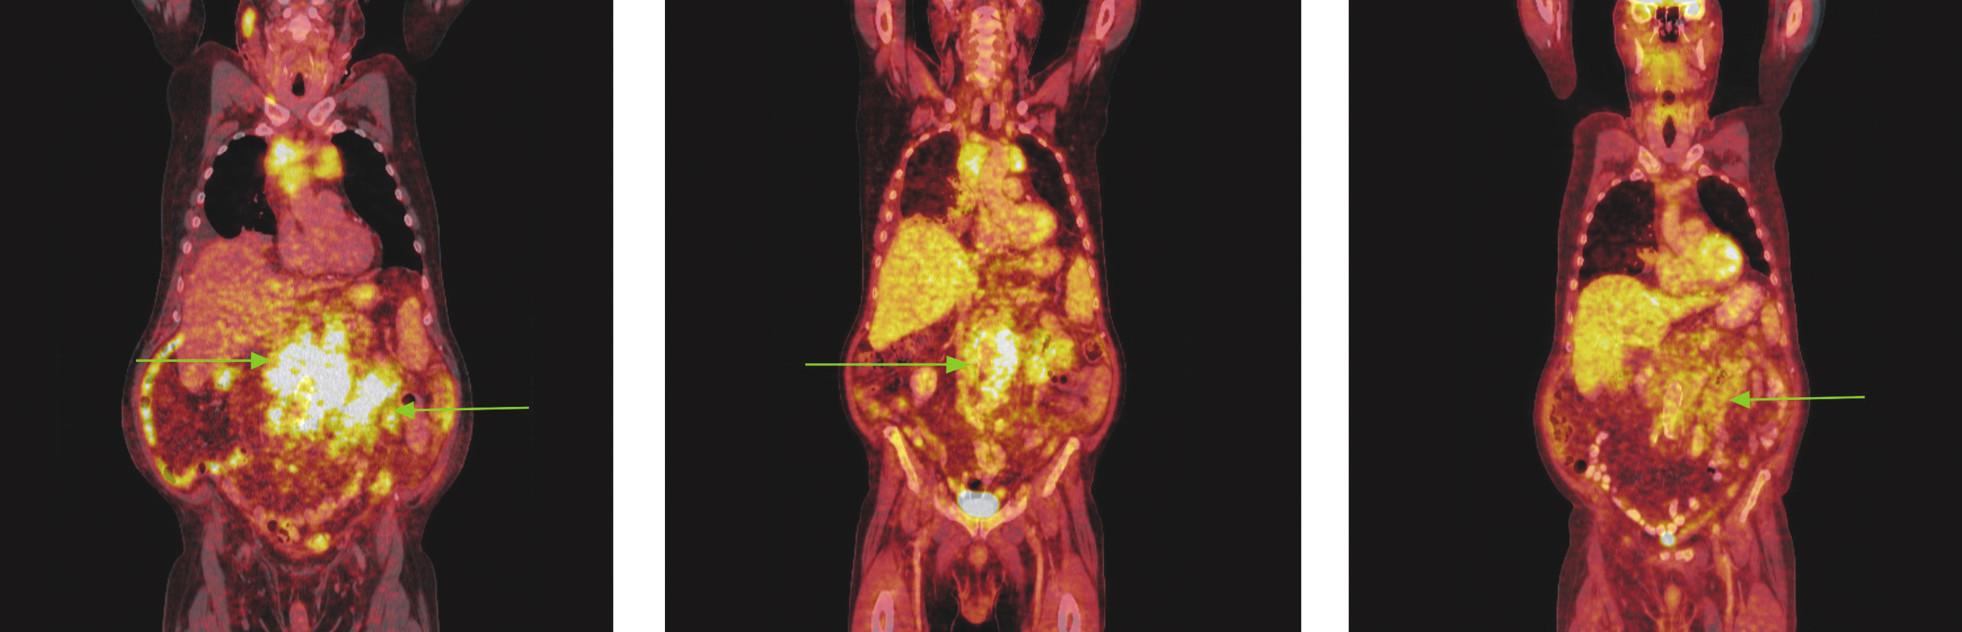 Série PET/CT snímků u nemocného s folikulárním lymfomem před léčbou, po 2 cyklech léčby a po záchranné chemoterapii. Na prvním snímku nalezen hypermetabolismus glukózy ve zvětšených lymfatických uzlinách a jejich paketech na krku, ve všech oddílech mediastina, před pravým jaterním lalokem a v břišní dutině. Pakety v mediastinu komprimují horní dutou žílu a levou brachiocefalickou žílu, do obrovského paketu lymfatických uzlin v dutině břišní jsou zavzaty pankreas a levá nadledvina. Oboustranný fluidothorax. Na snímku po 2 cyklech imunochemoterapie došlo jen k částečné regresi patologického nálezu, lymfatické uzliny i jejich pakety se zmenšily, přetrvává v nich však stále hypermetabolismus glukózy. Pacient pro tento nález a kumulaci dalších rizikových faktorů indikován k záchranné imunochemoterapii R-EDHAP. Po 2 cyklech této léčby sice přetrvávají měkkotkáňové masy v mediastinu, retroperitoneu a mezenteriu, nevykazují však hypermetabolismus glukózy.